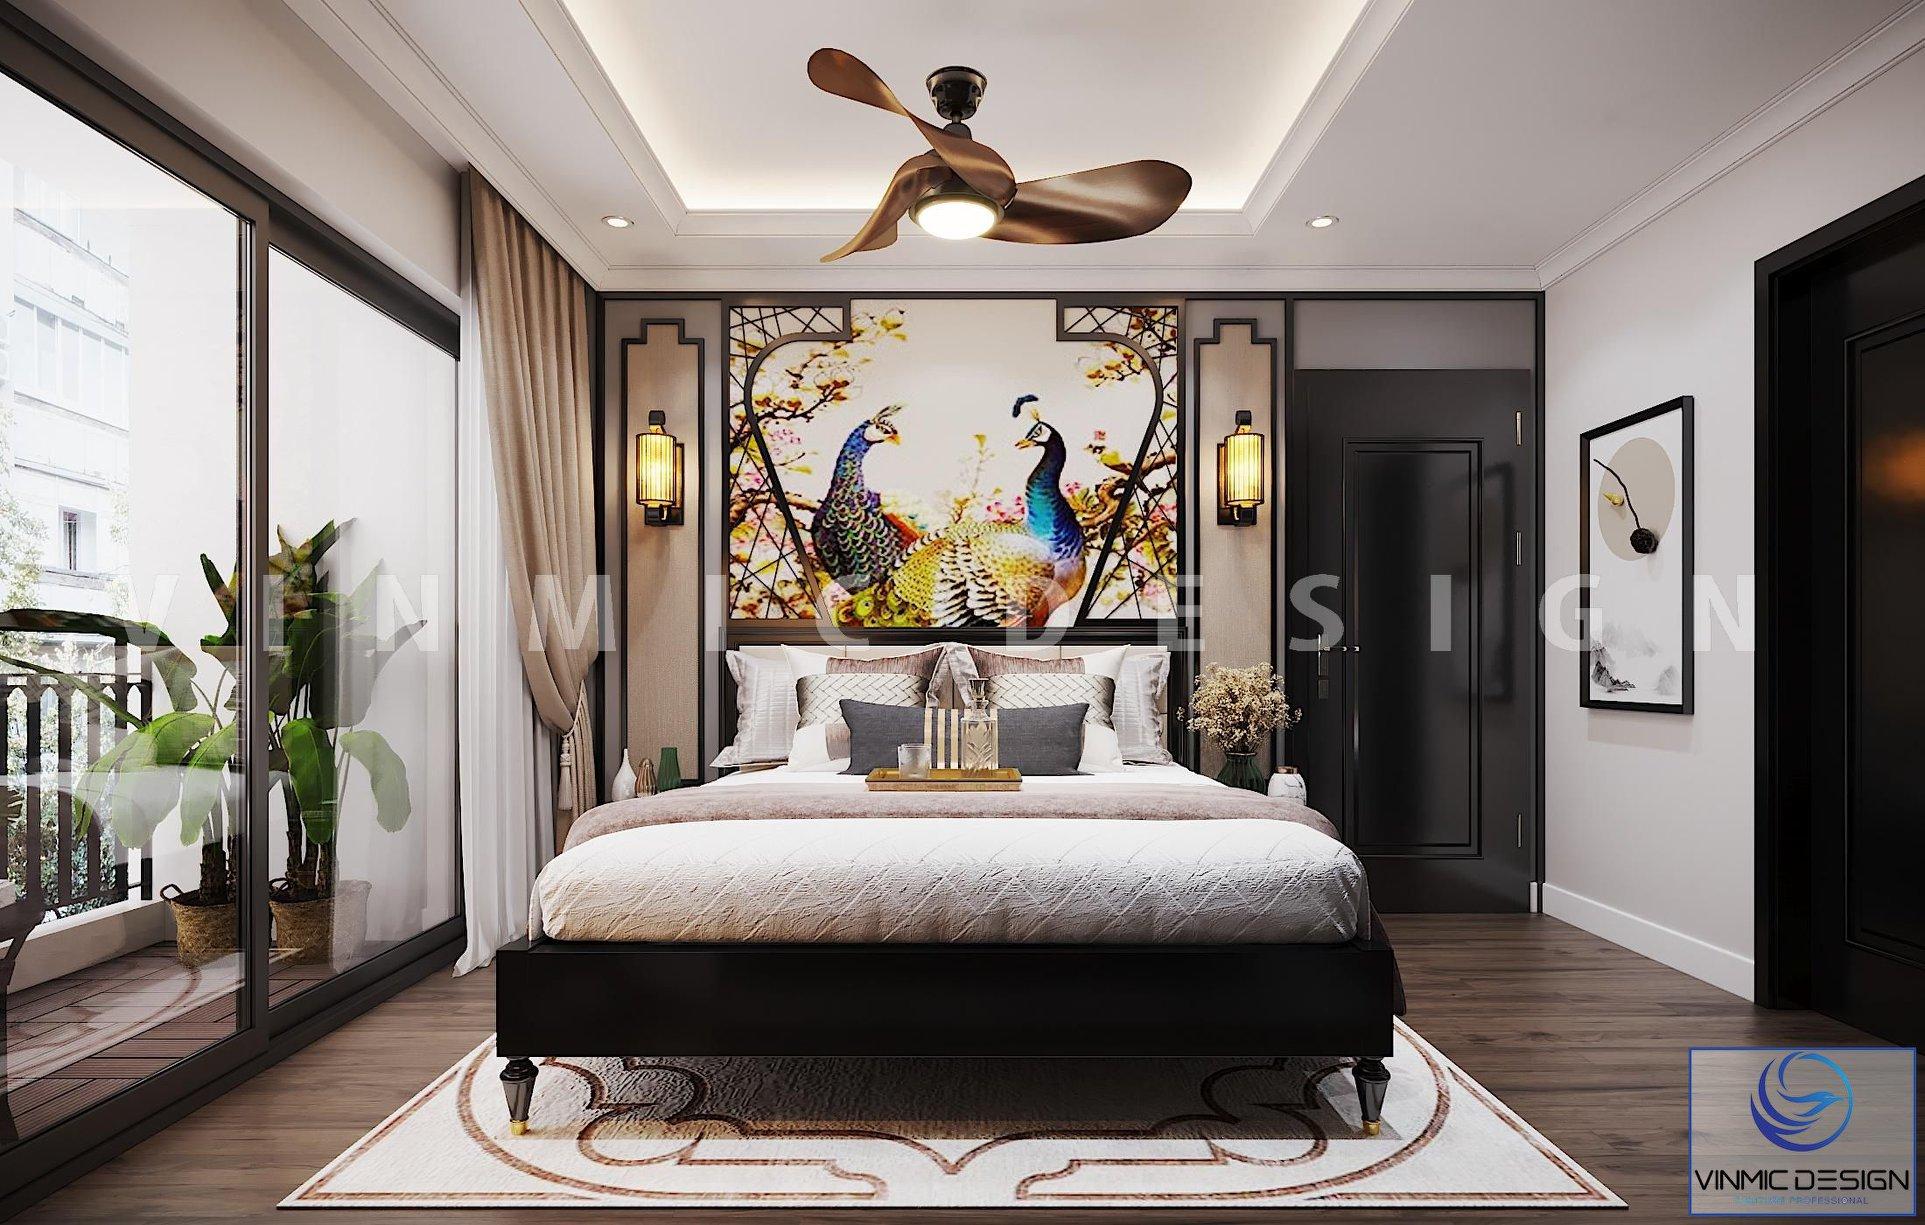 Thiết kế nội thất phòng ngủ master theo phong cách Indochine kết hợp hiện đại tại căn nhà chị Ánh